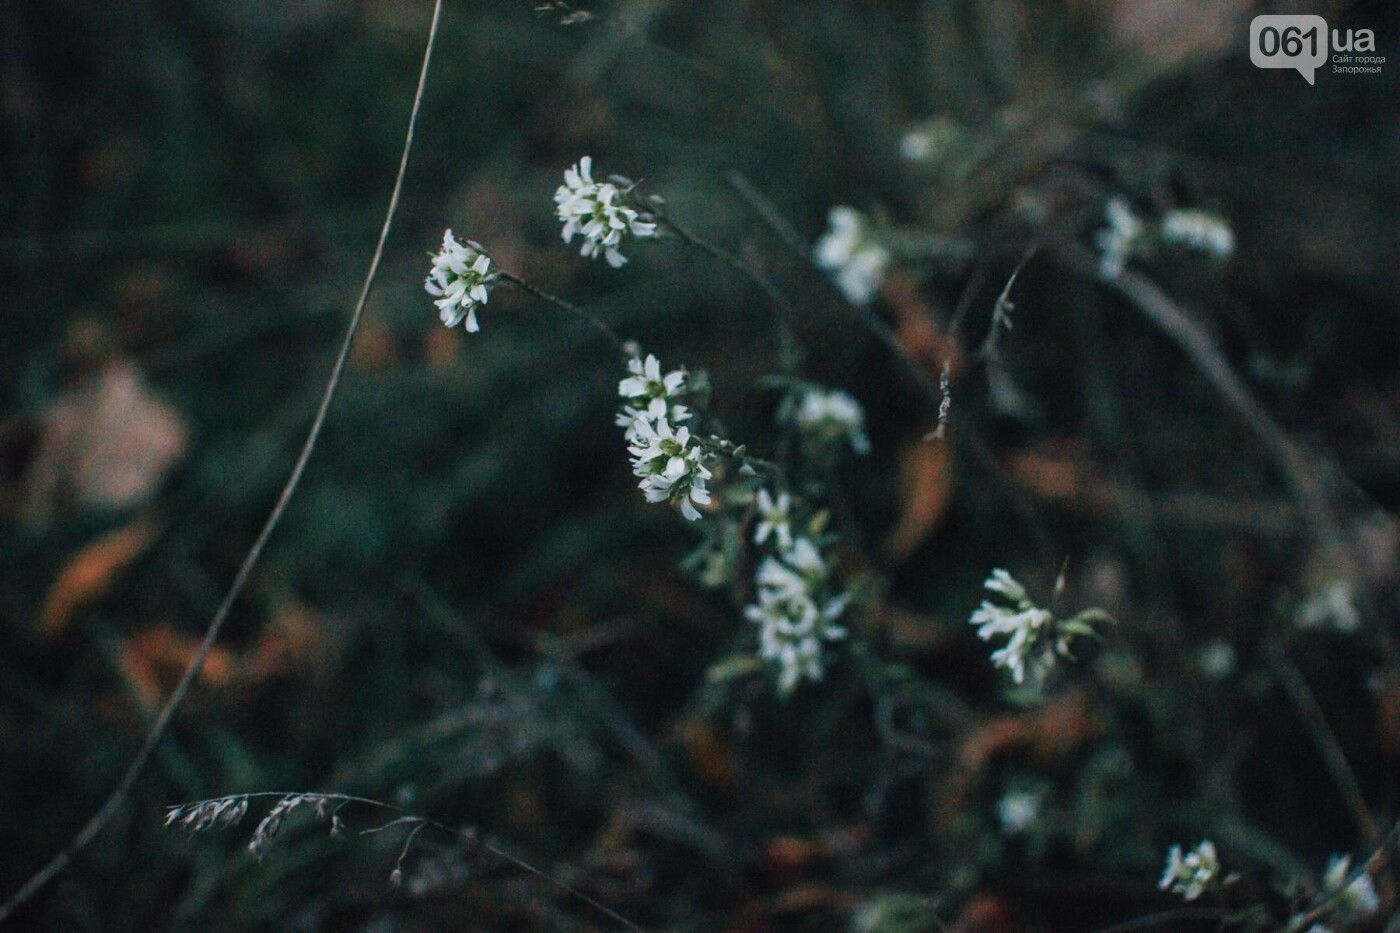 Четыре дня до зимы: как выглядит Хортица поздней осенью, - ФОТОРЕПОРТАЖ, фото-15